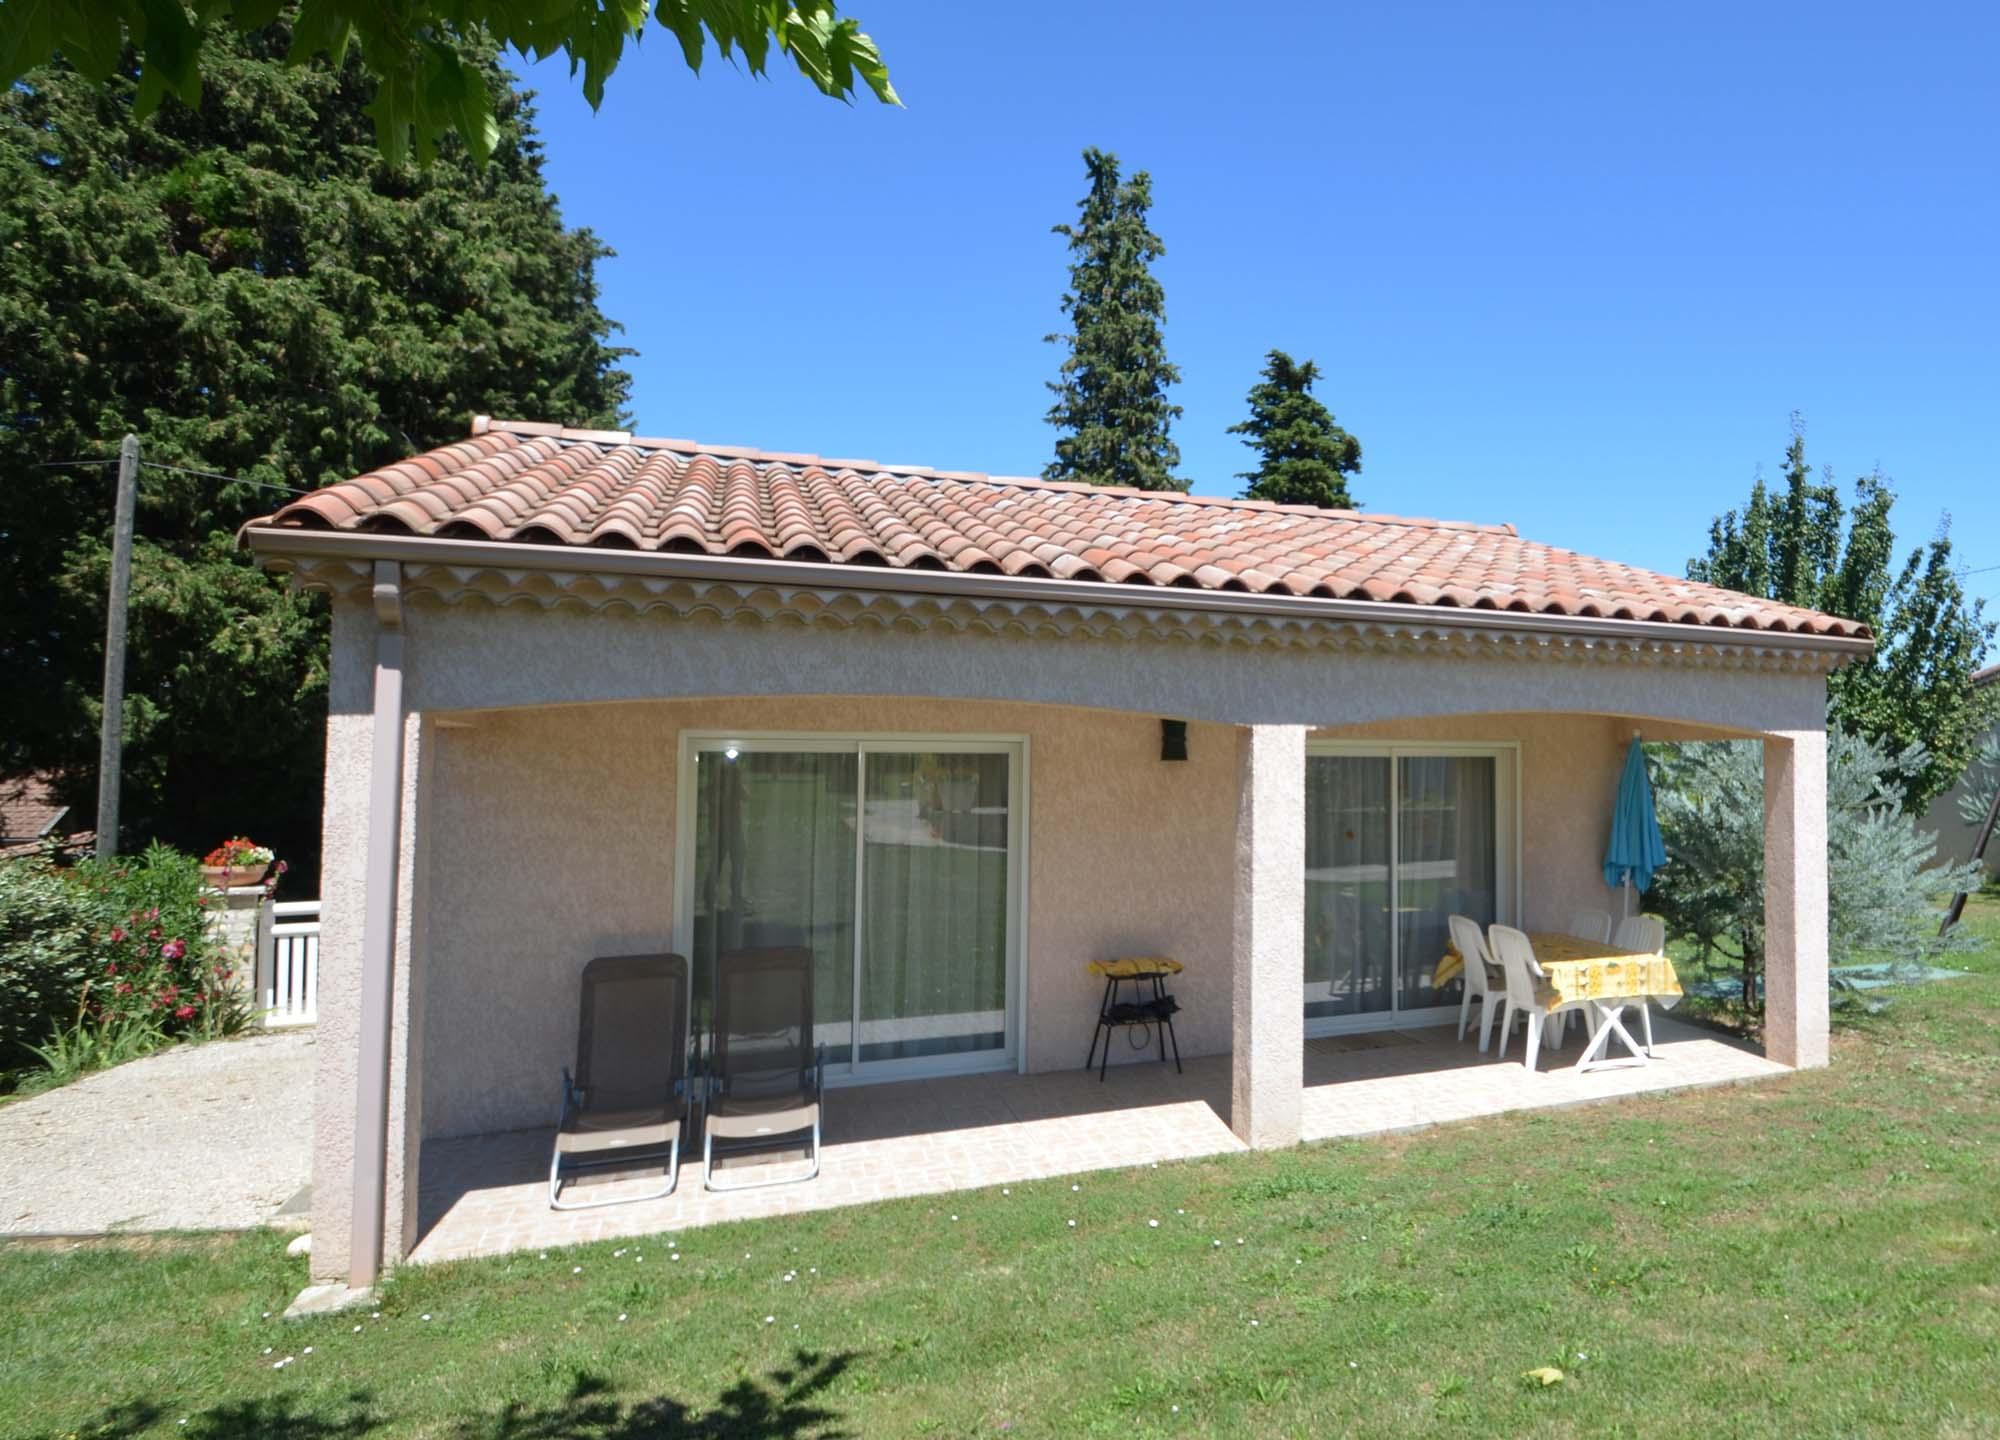 Vakantiehuis met zwembad in Languedoc-Roussillon in Saint-Ambroix (Frankrijk)